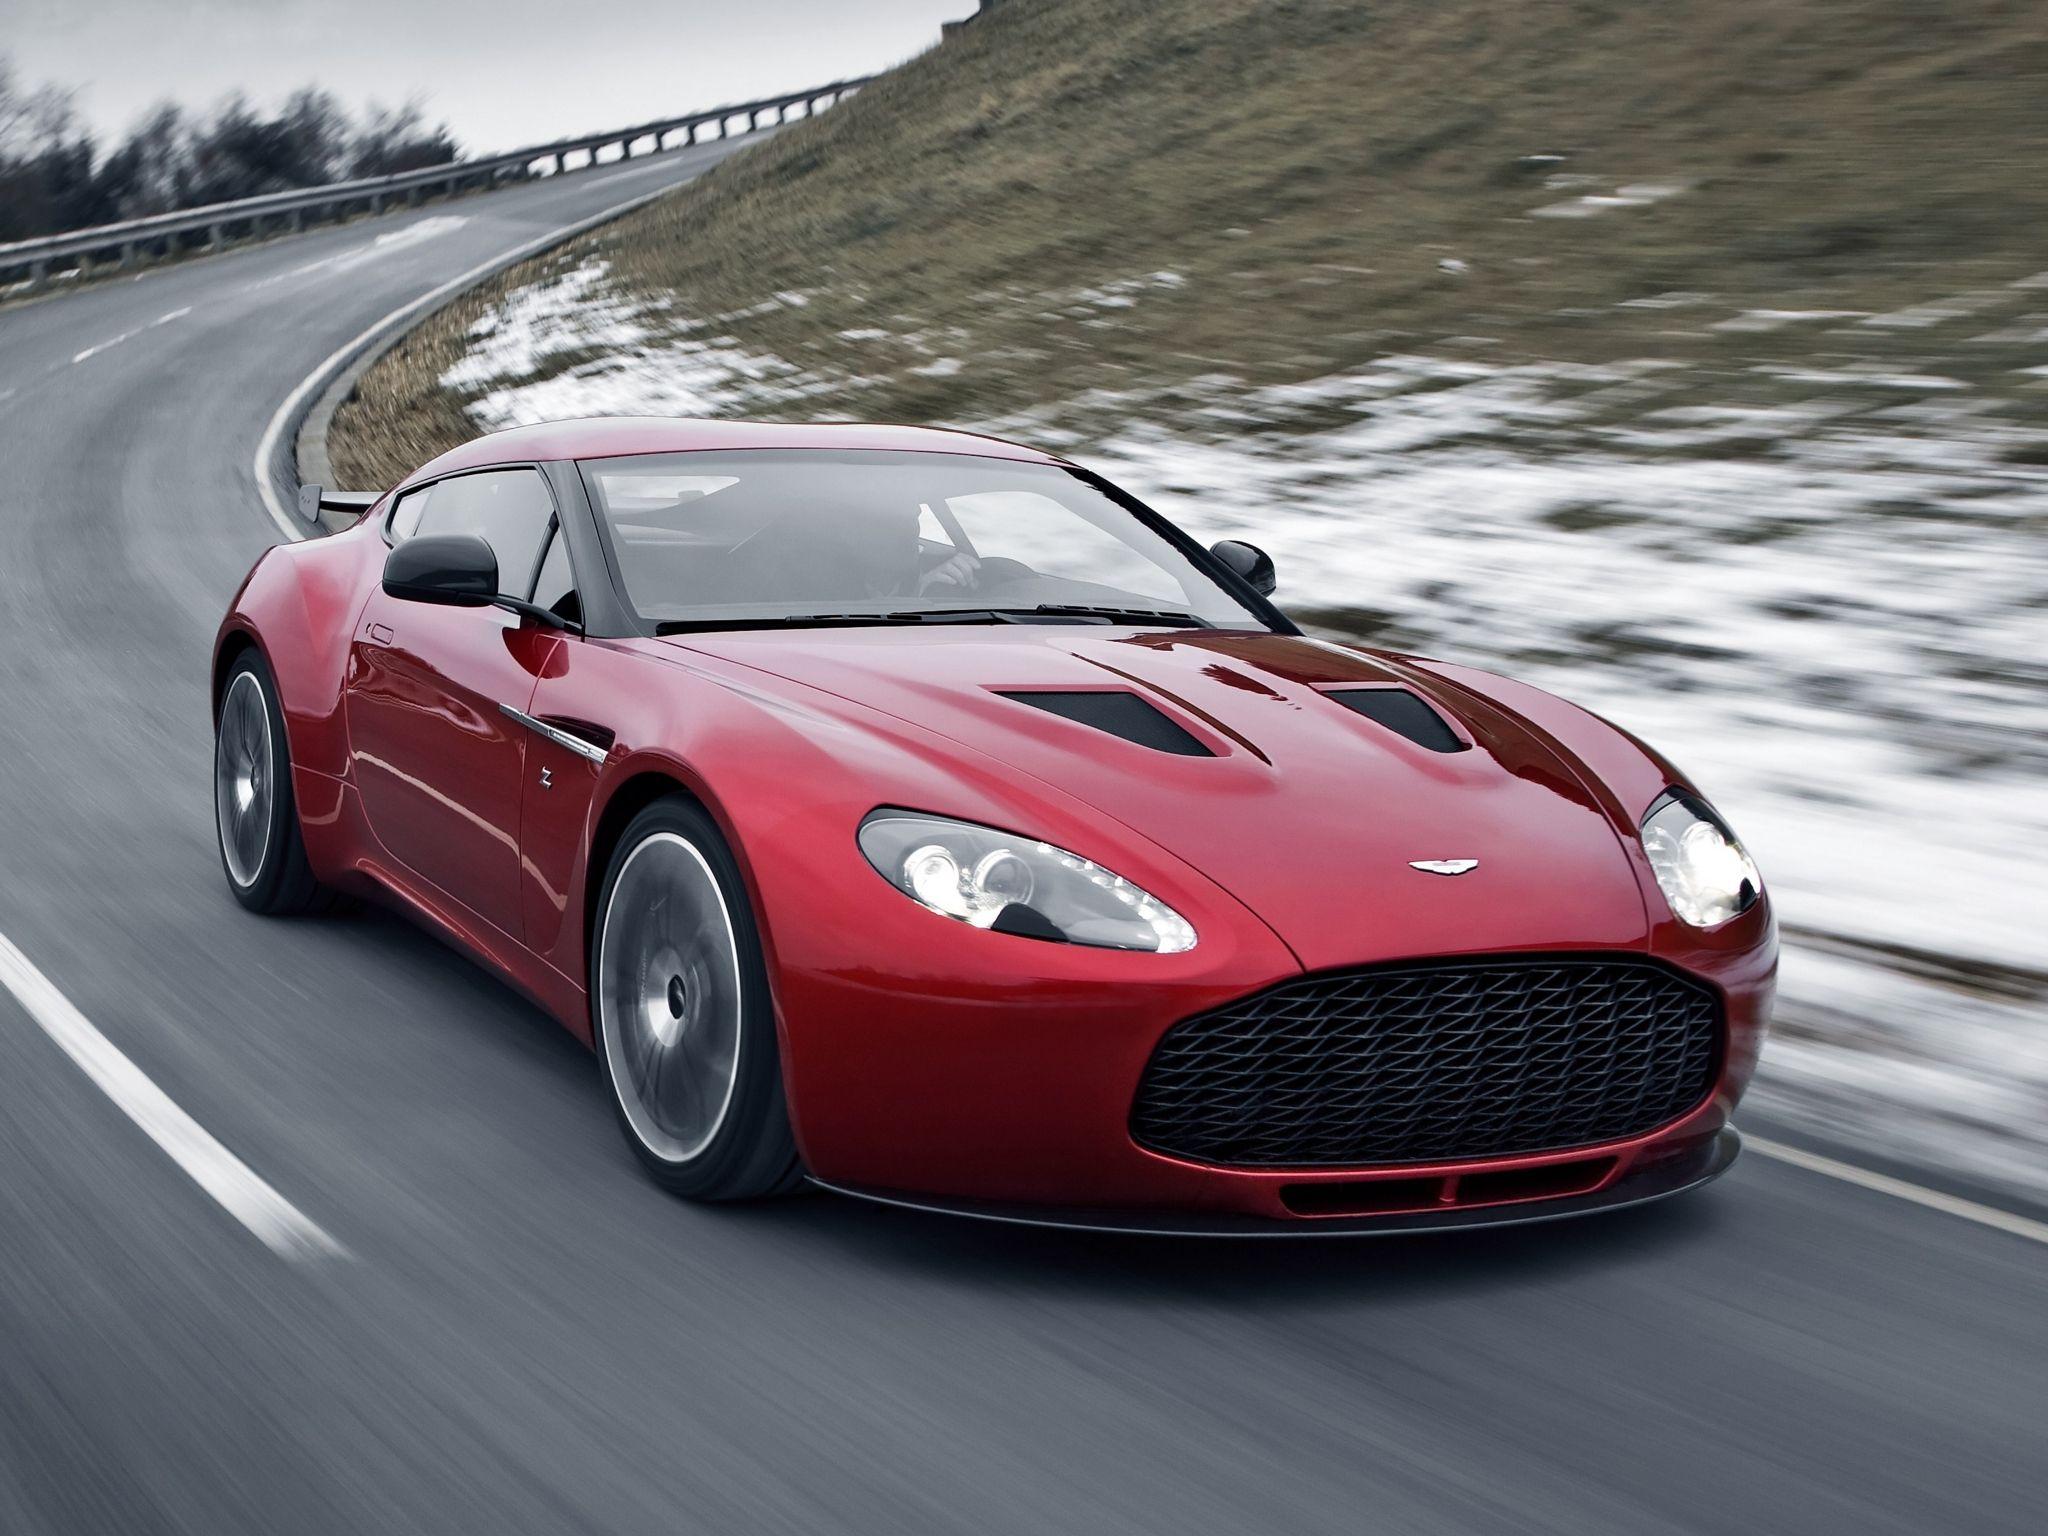 Aston Martin V12 Zagato Top Car Love Pinterest